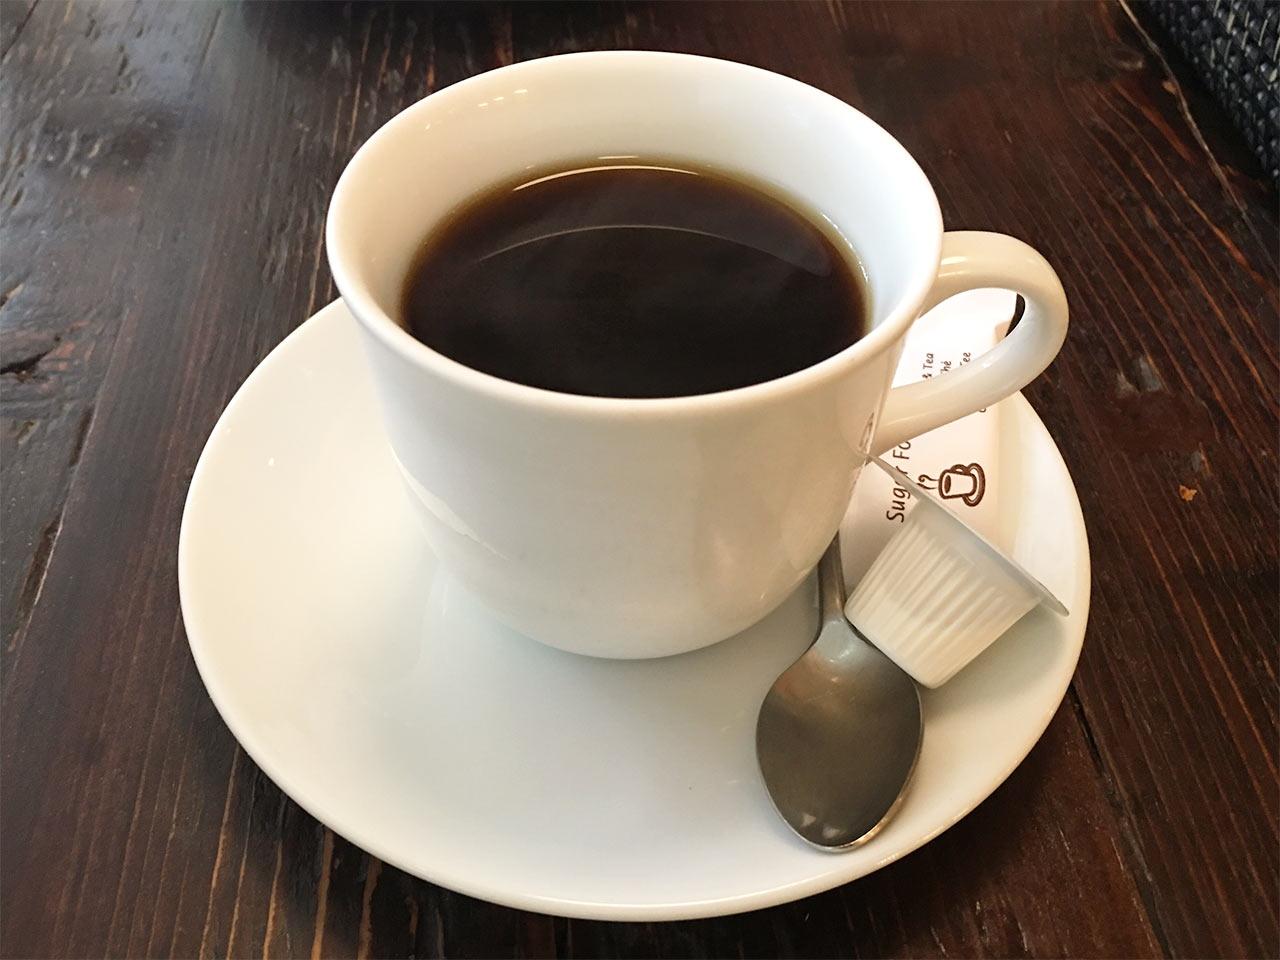 武蔵小山のパン屋nemoのコーヒー